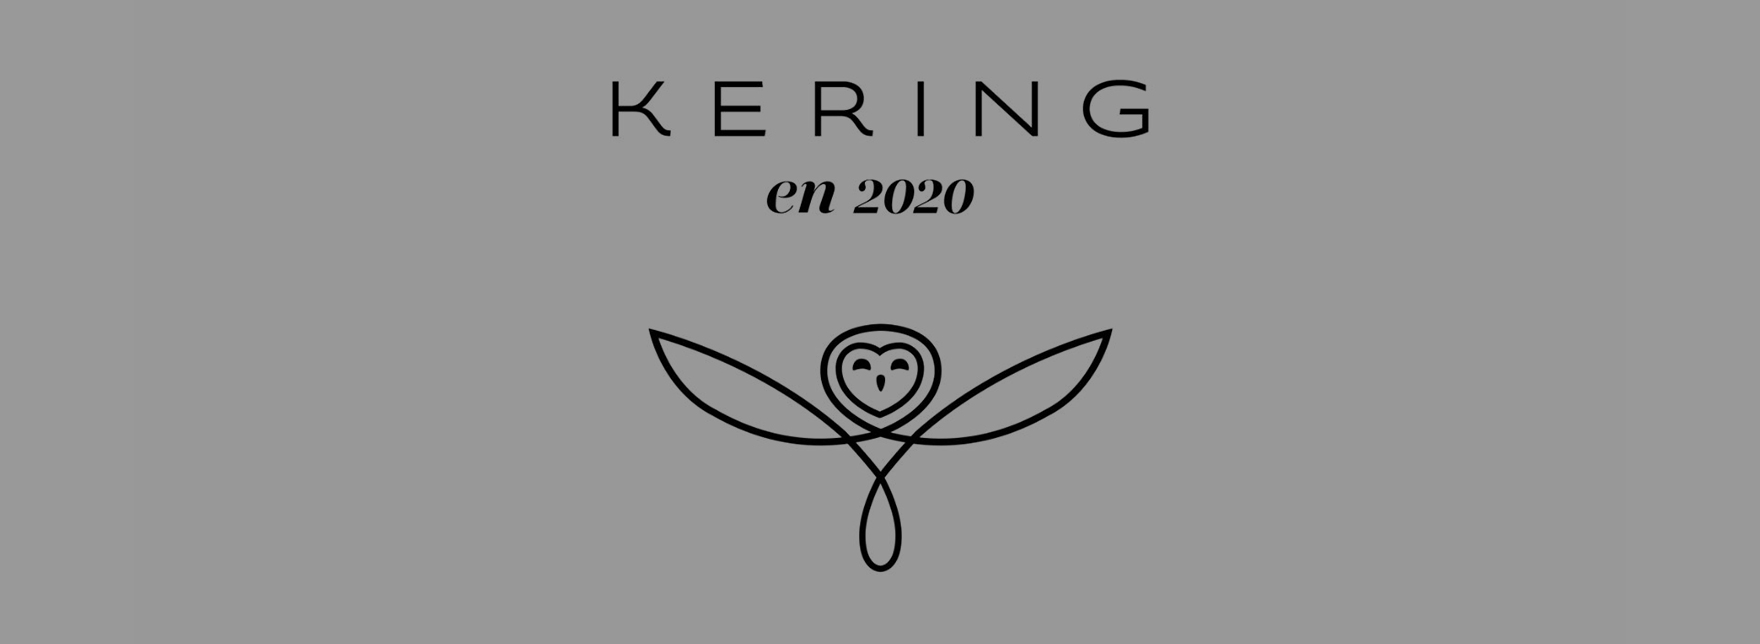 Résultats annuels 2020